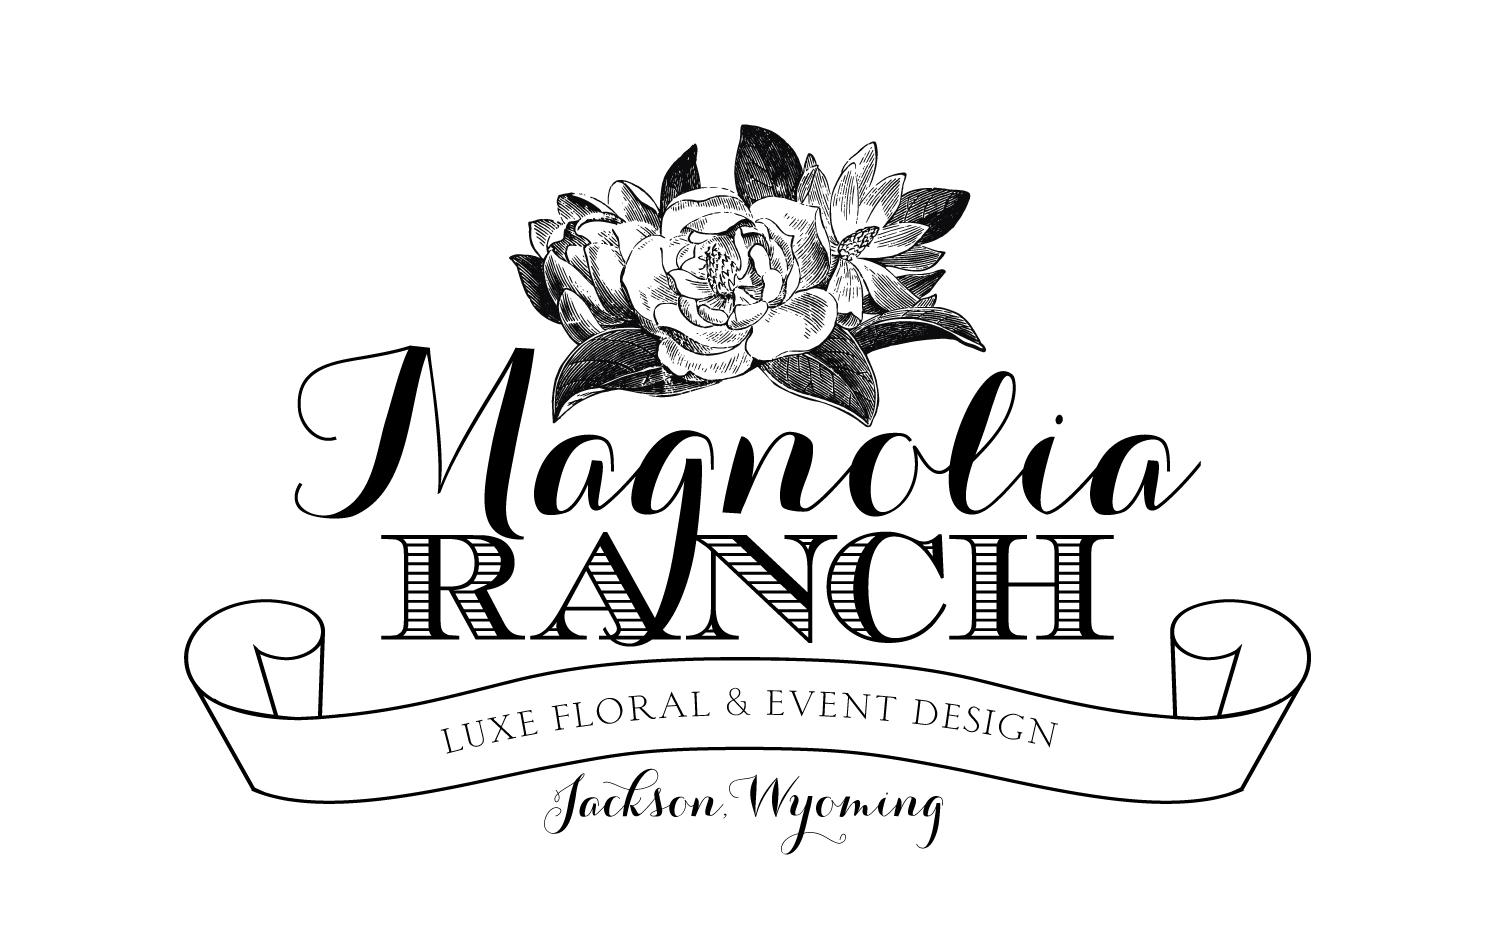 MagnolaRanch_logo_FINAL_HR-01.jpg